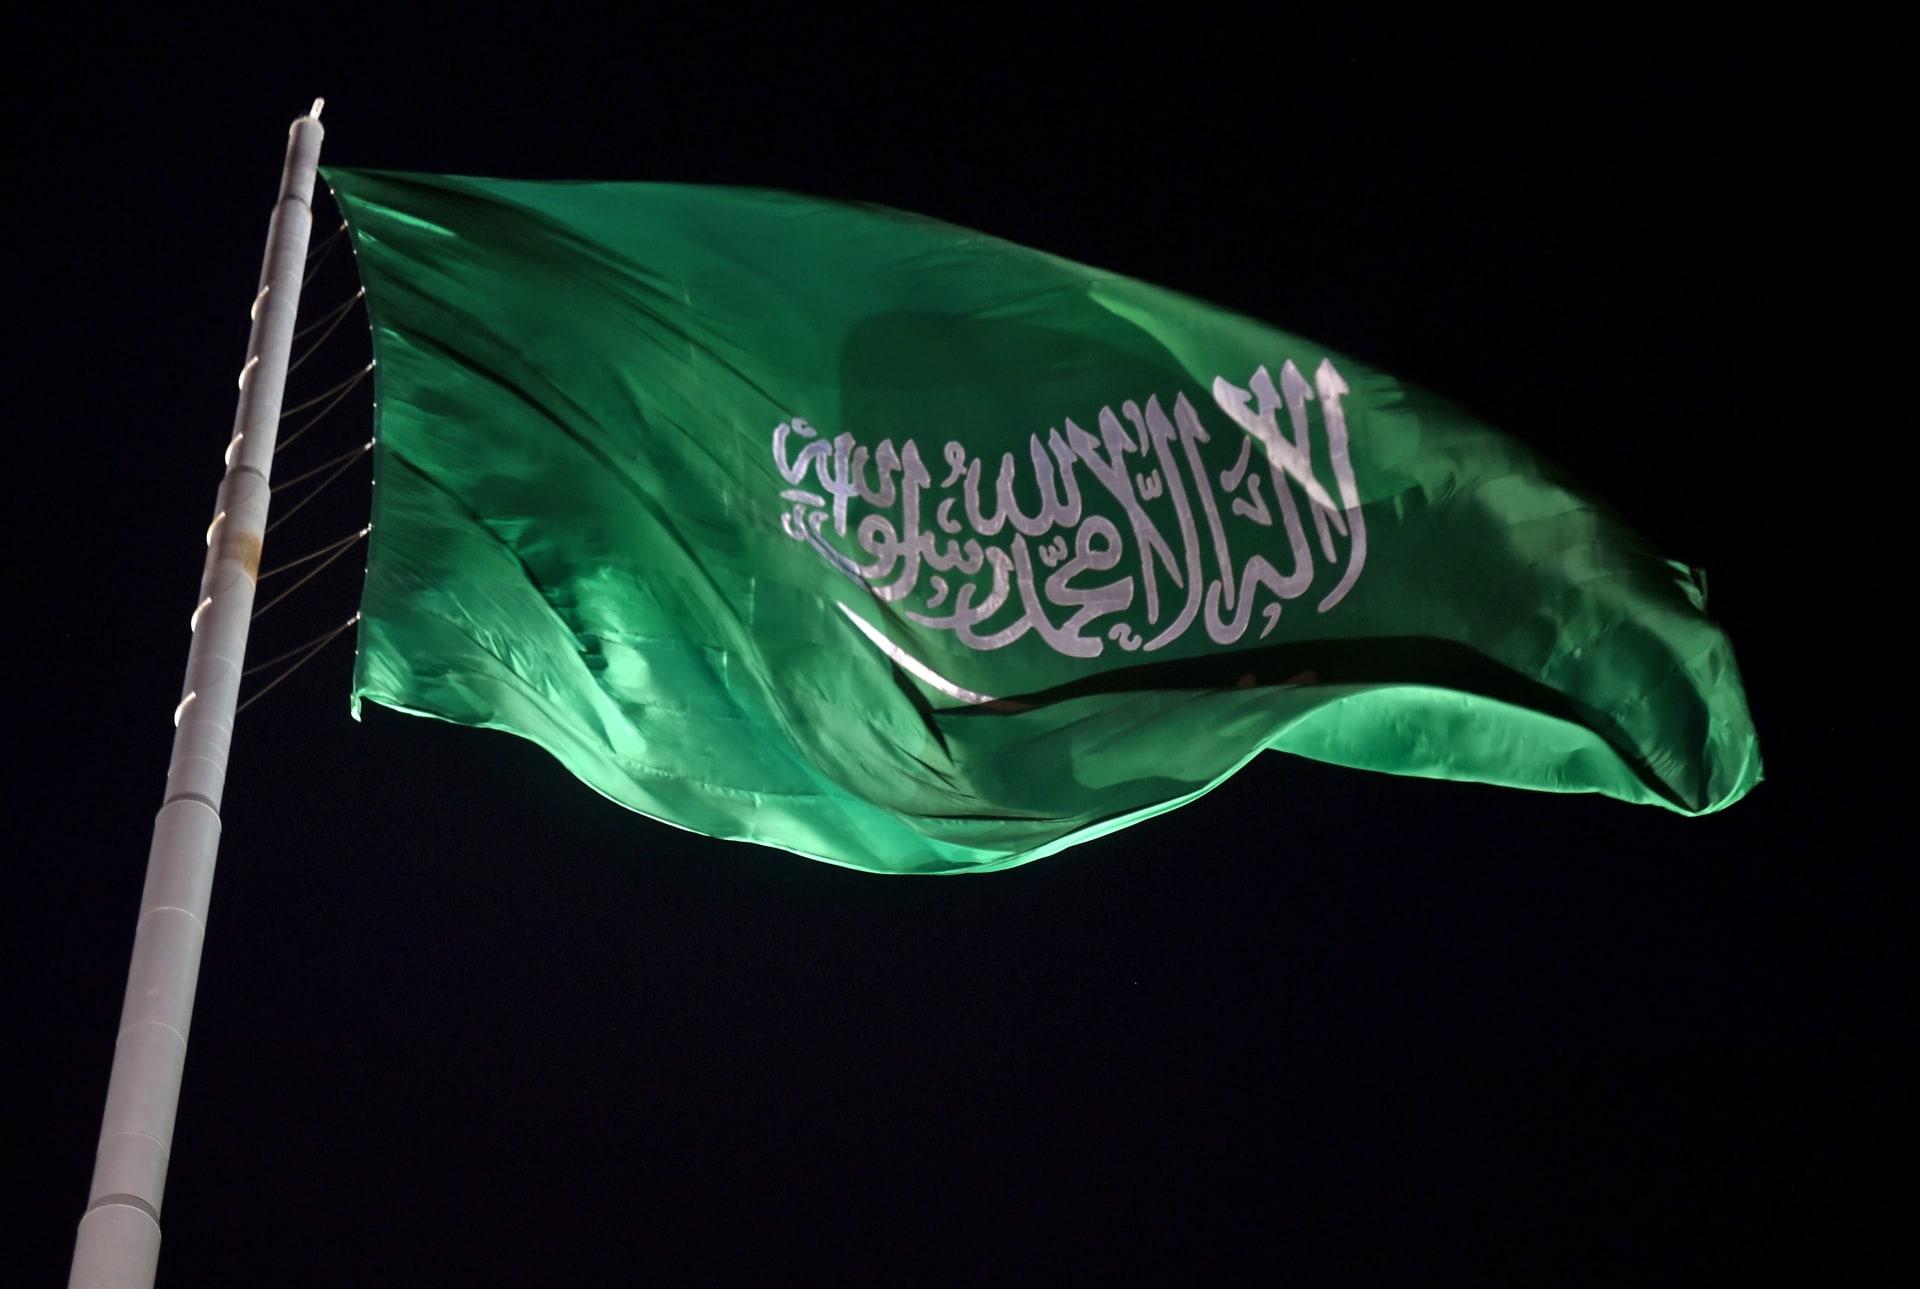 السعودية توجه رسالة لإيران بشان الانخراط في المفاوضات ودور الحوثيين في التصعيد